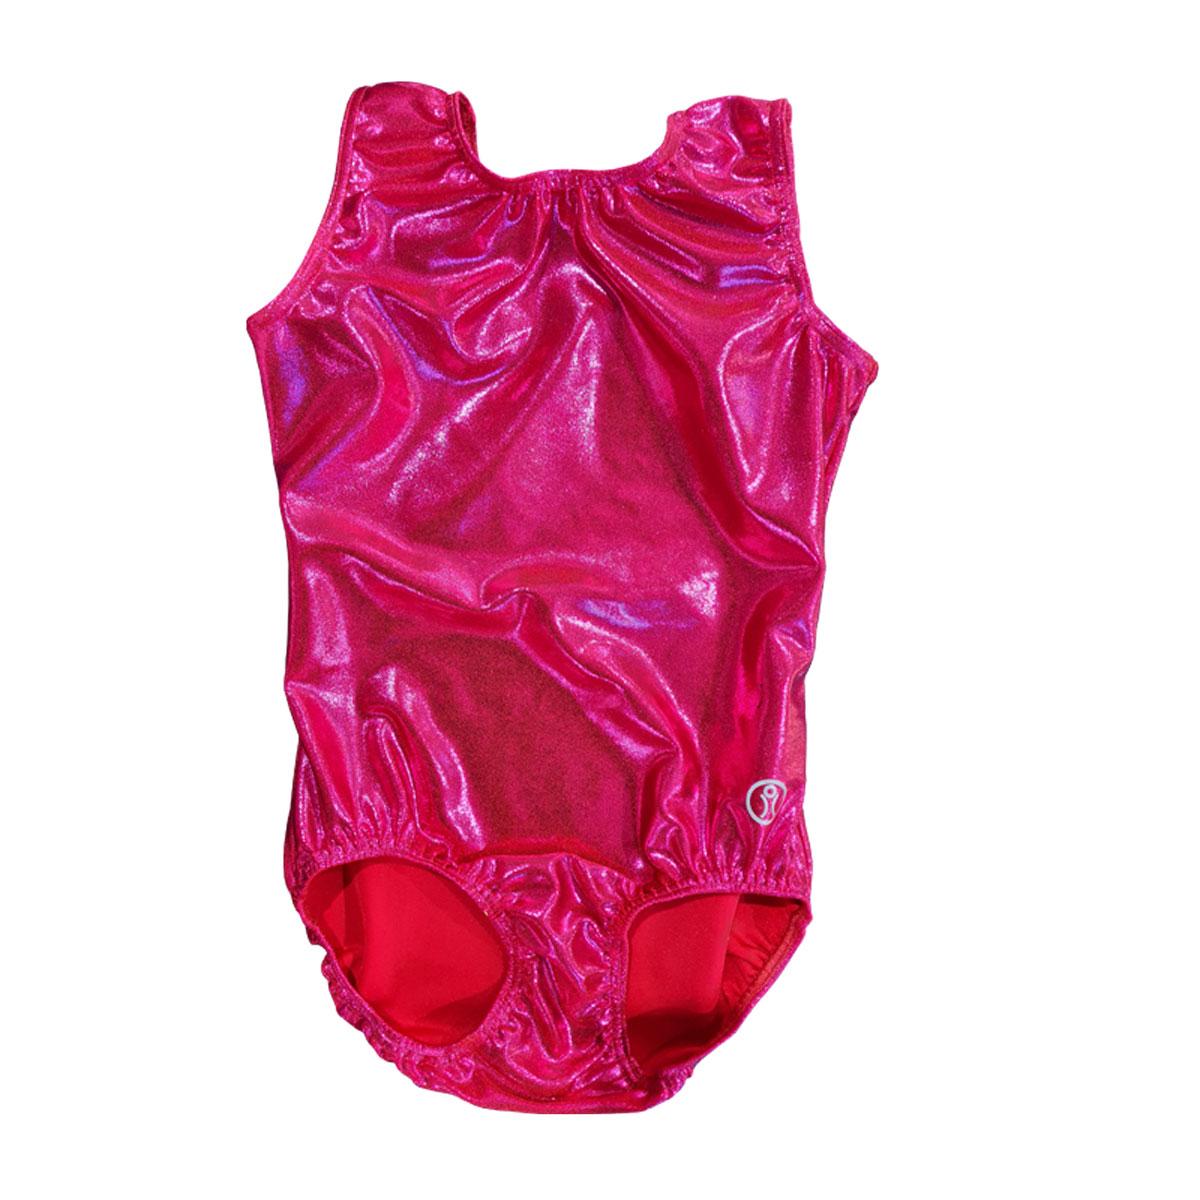 Short Sleeve Leotard Size 13 – Pink Sparkle Glitz